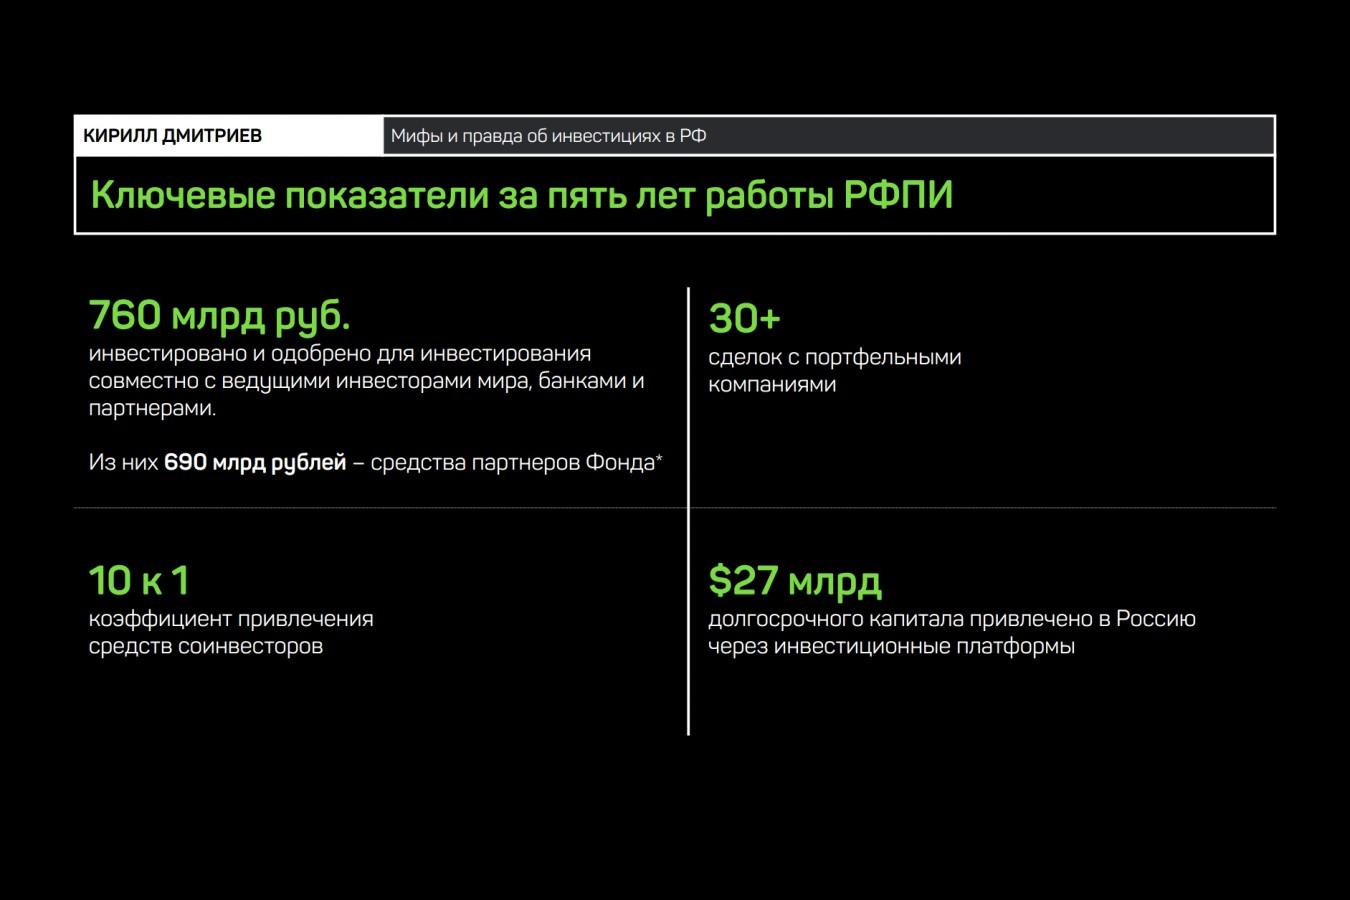 Дмитриев: инвестиции мотивируют экономику